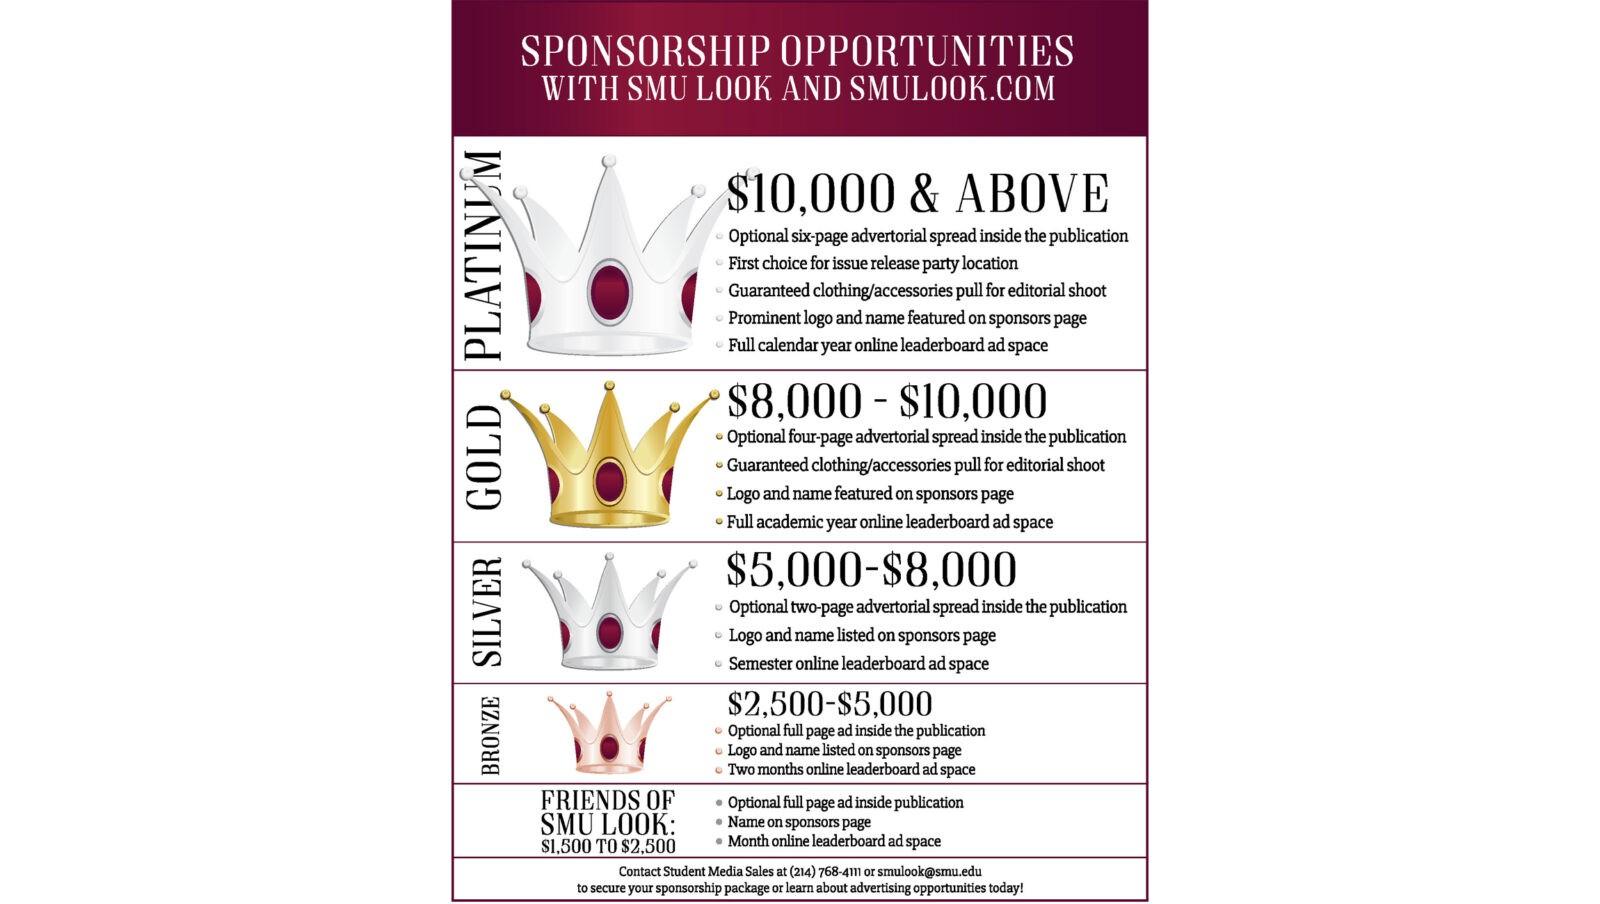 Sponshoship flier